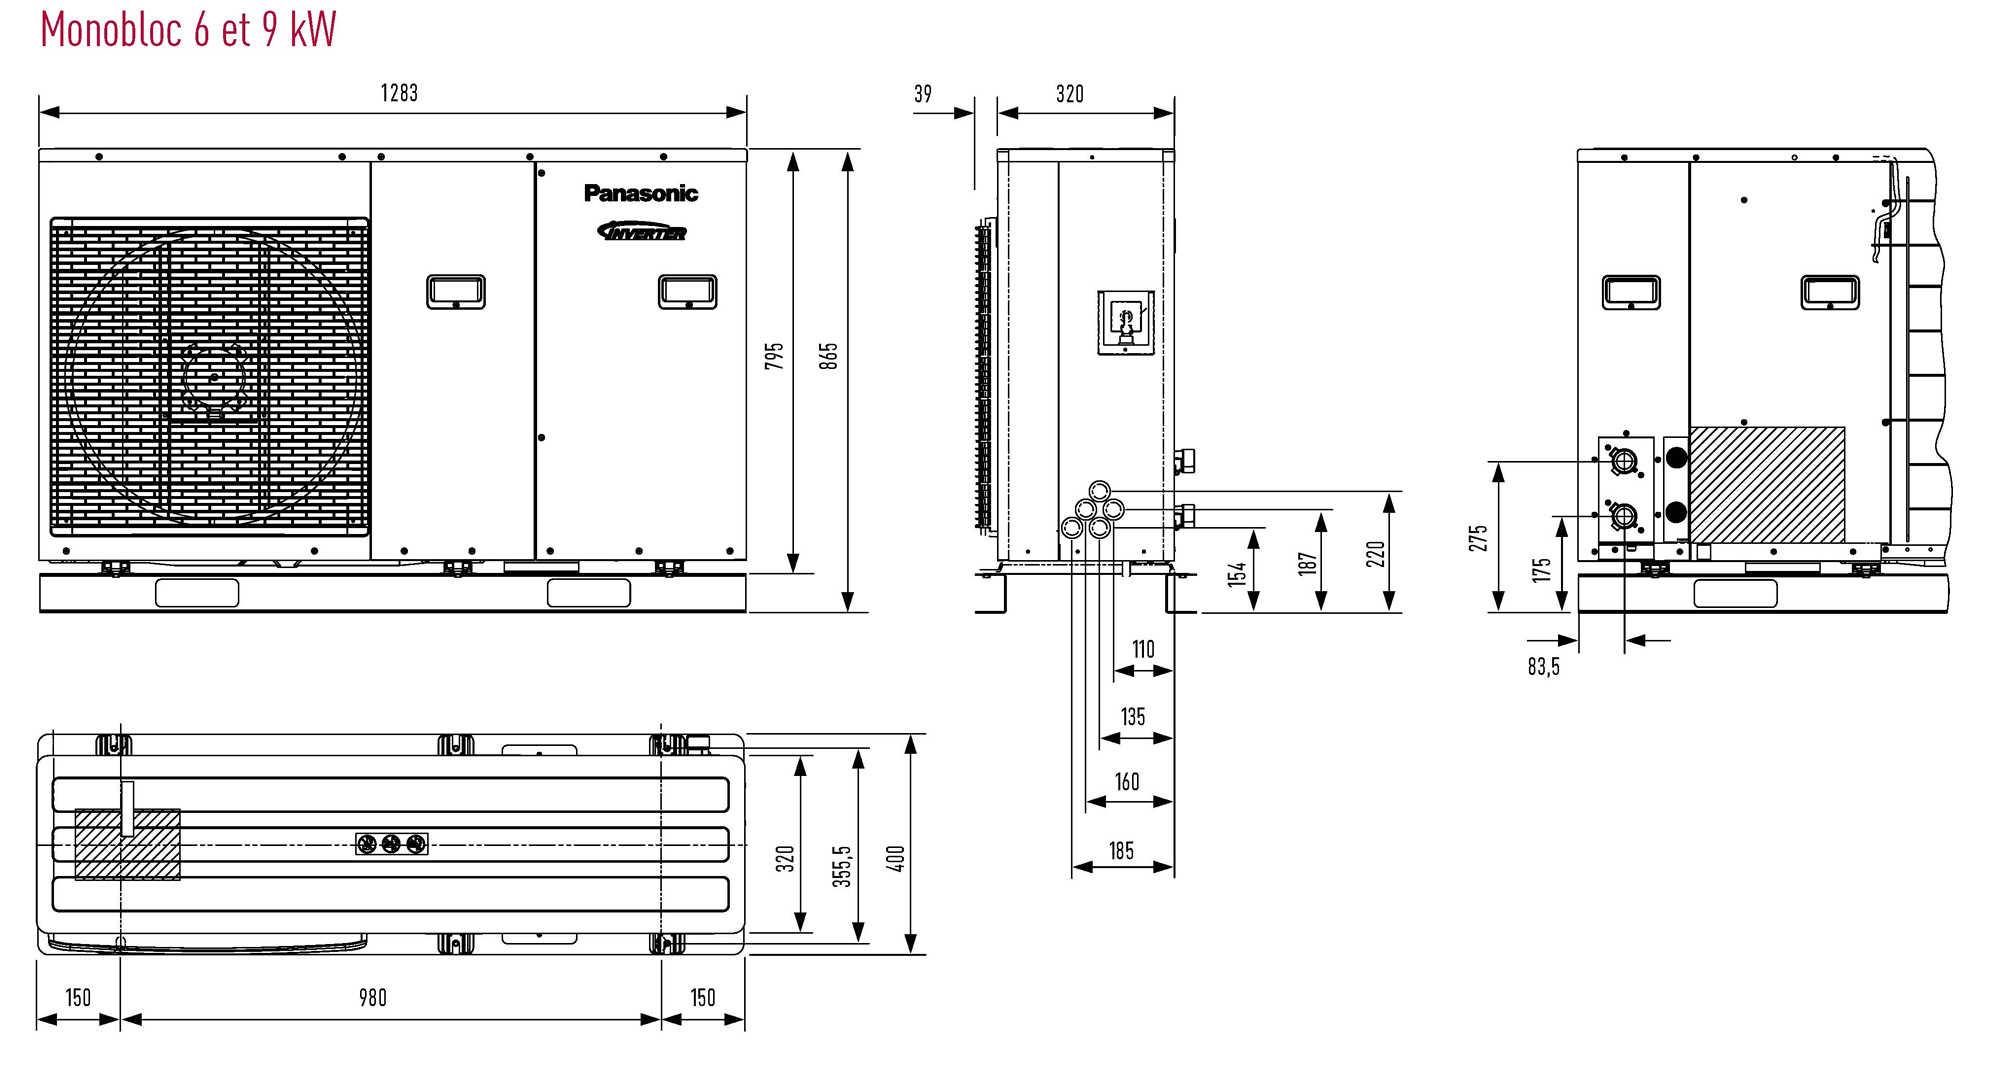 pompe chaleur air eau aquarea monobloc haute performance chauffage seul panasonic. Black Bedroom Furniture Sets. Home Design Ideas